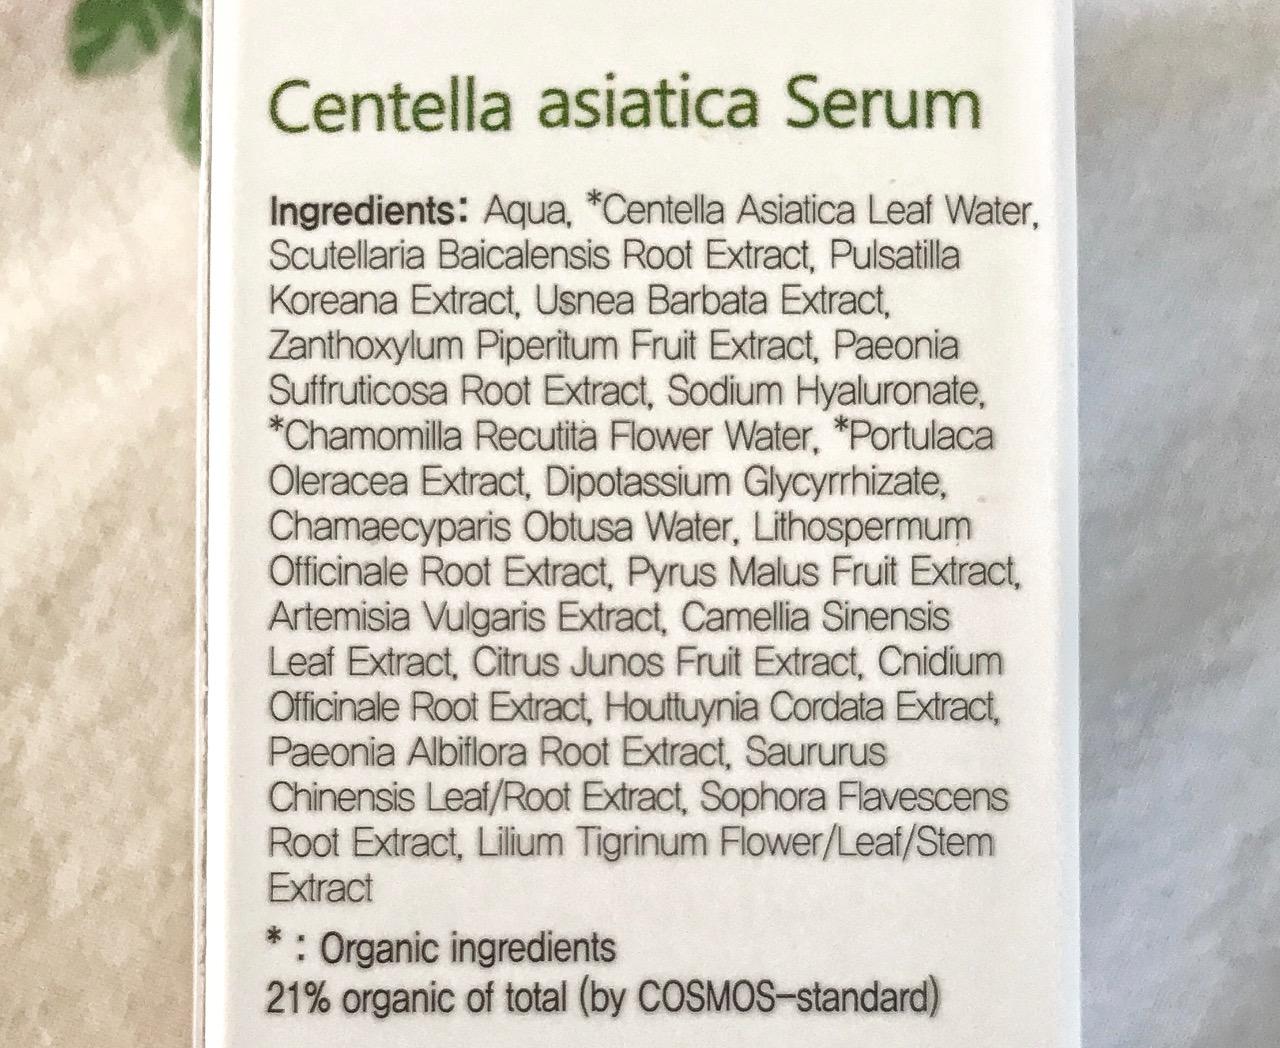 CHOBS Centella Asiatica Serum ingredients